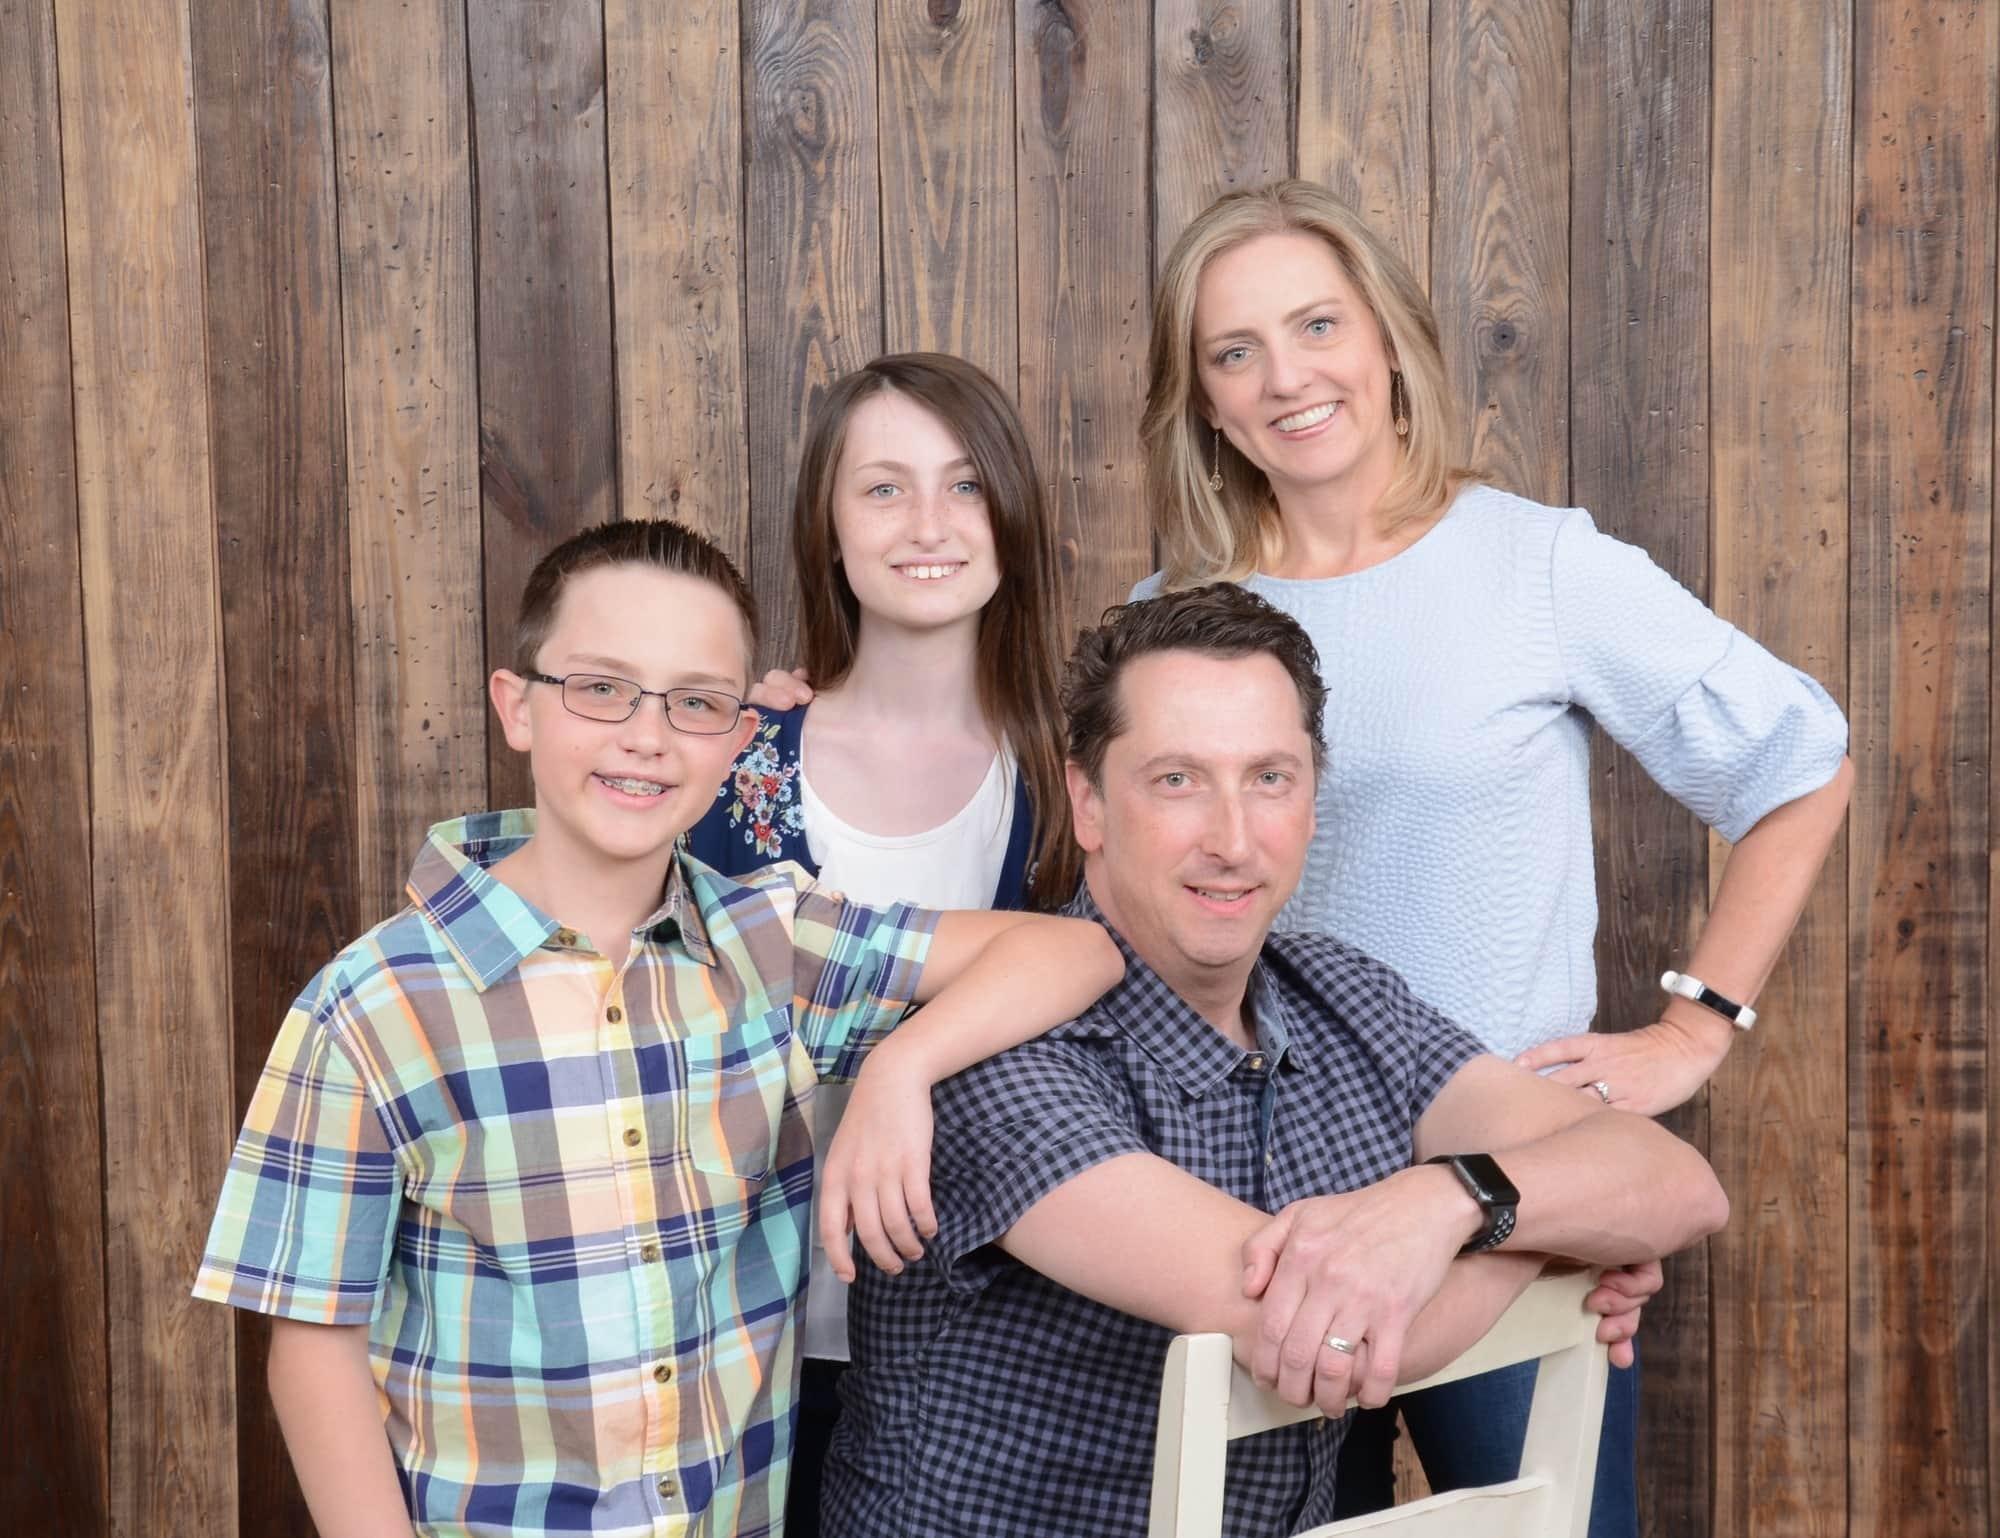 Our family portrait by Portrait Studio